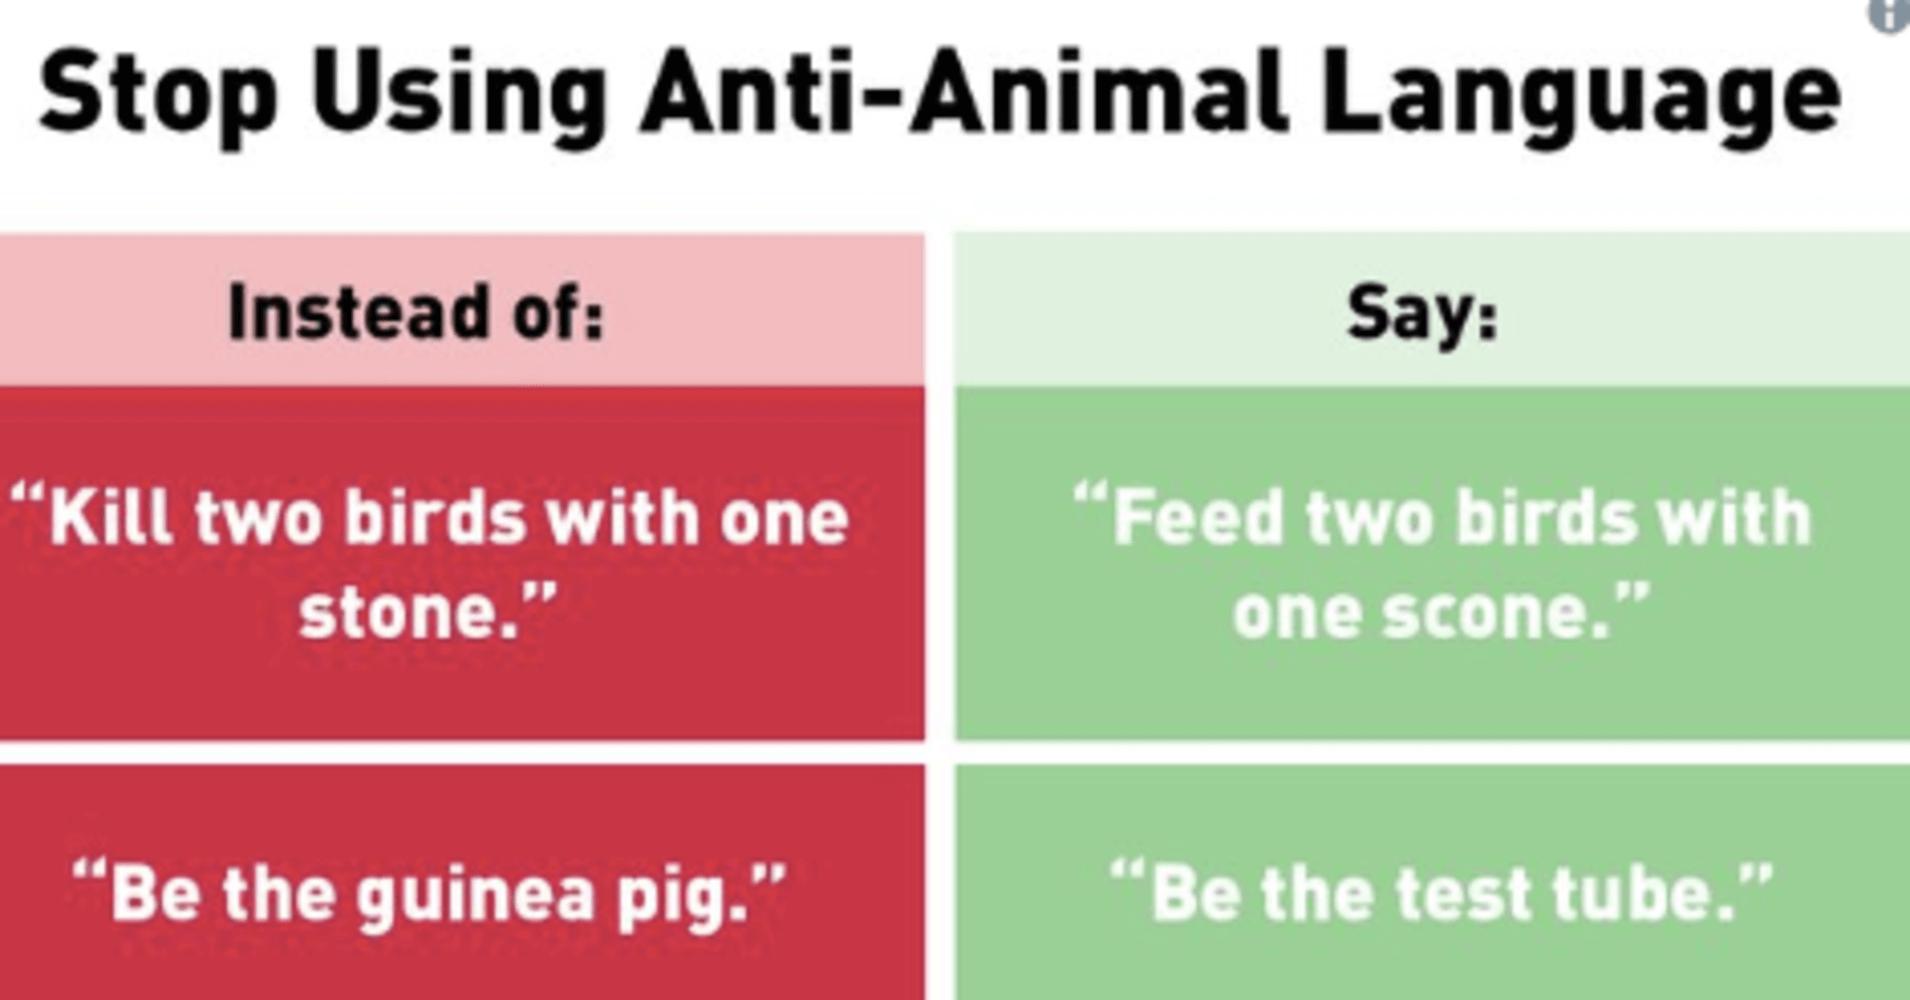 PETA Gets Roasted on Twitter After Tweets on 'Anti-Animal Language'